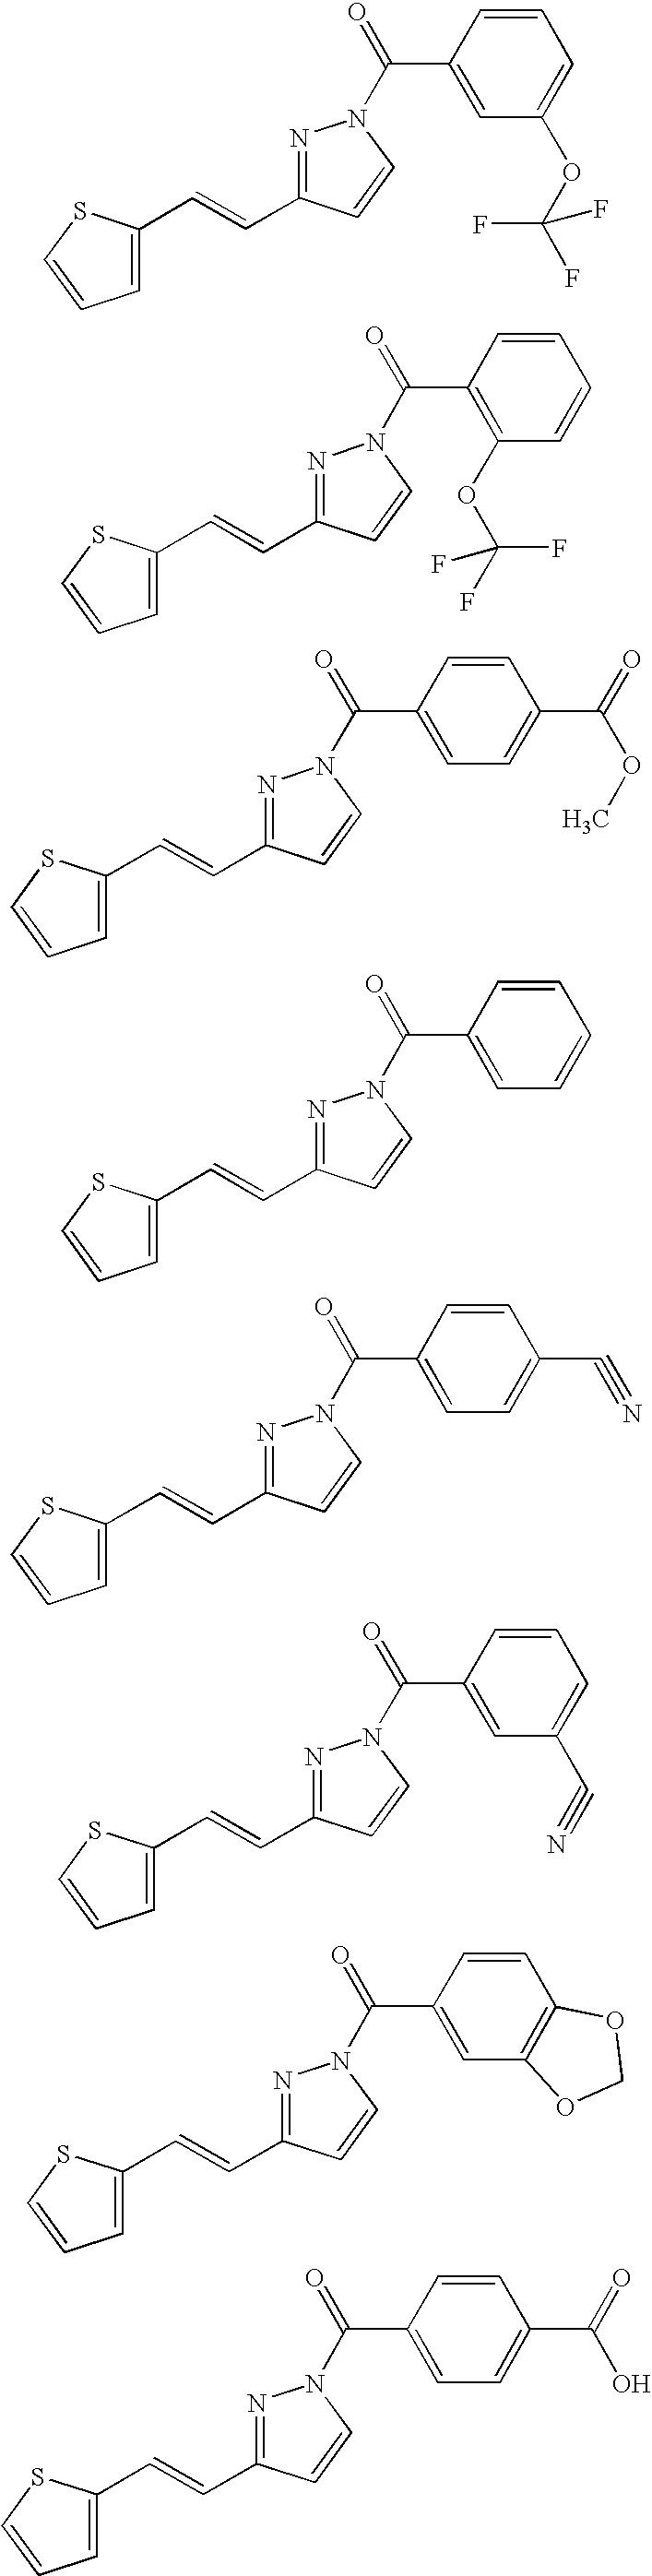 Figure US07192976-20070320-C00047